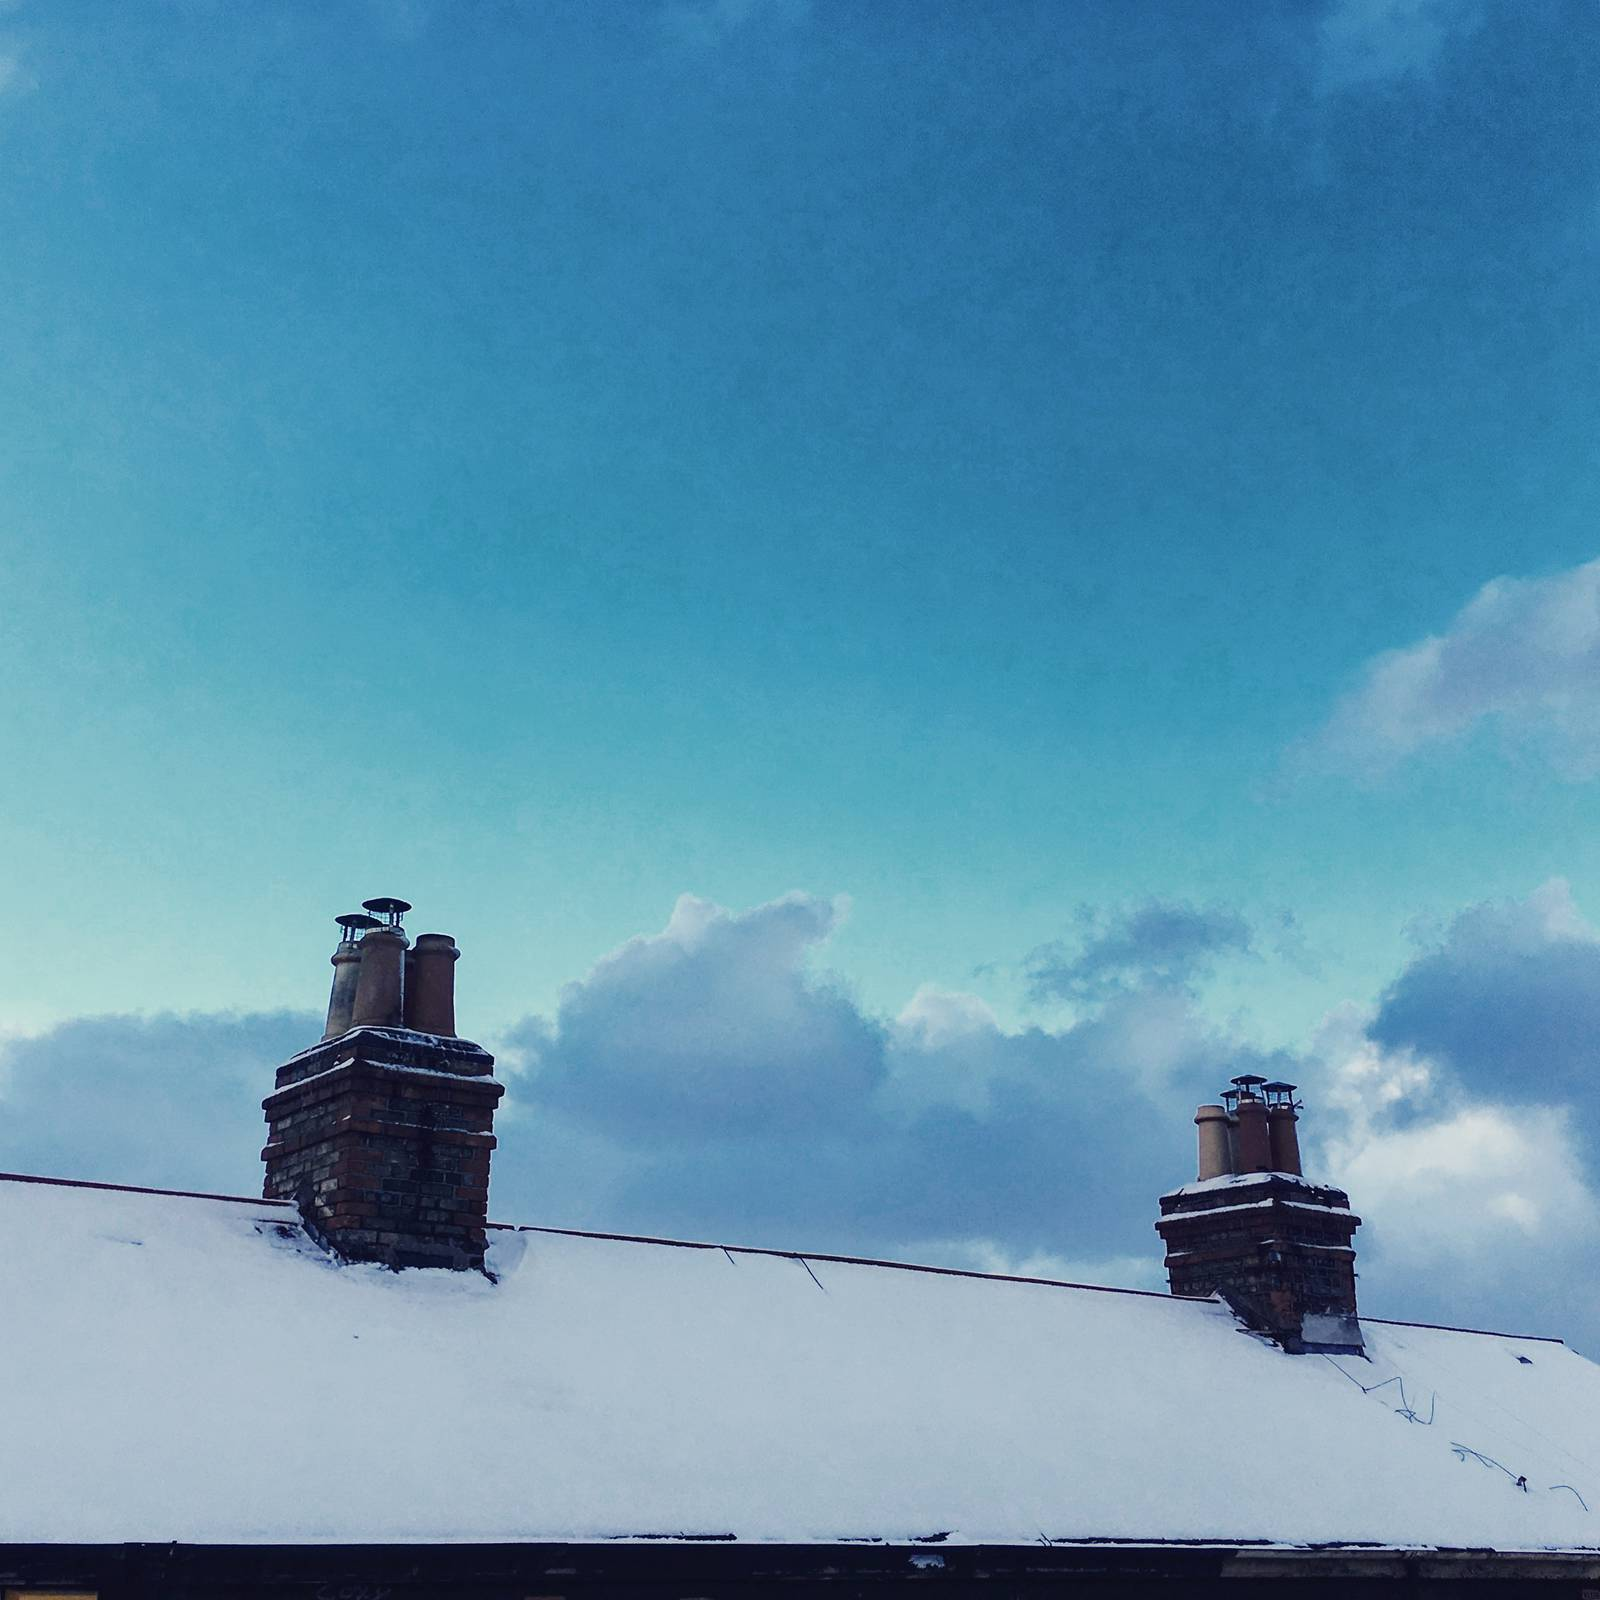 Harold's Cross Rooftops